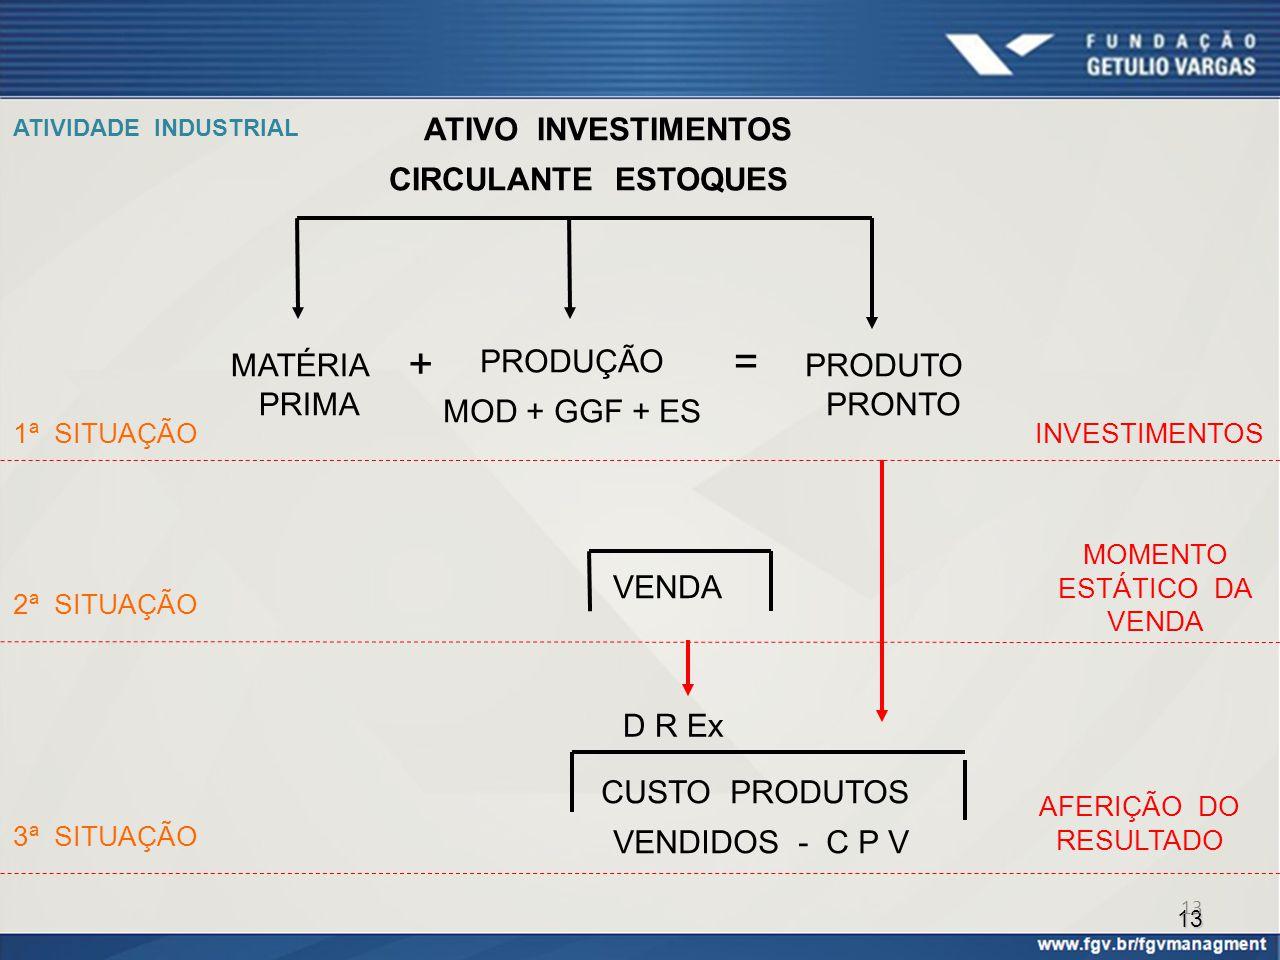 + = ATIVO INVESTIMENTOS CIRCULANTE ESTOQUES PRODUÇÃO MOD + GGF + ES